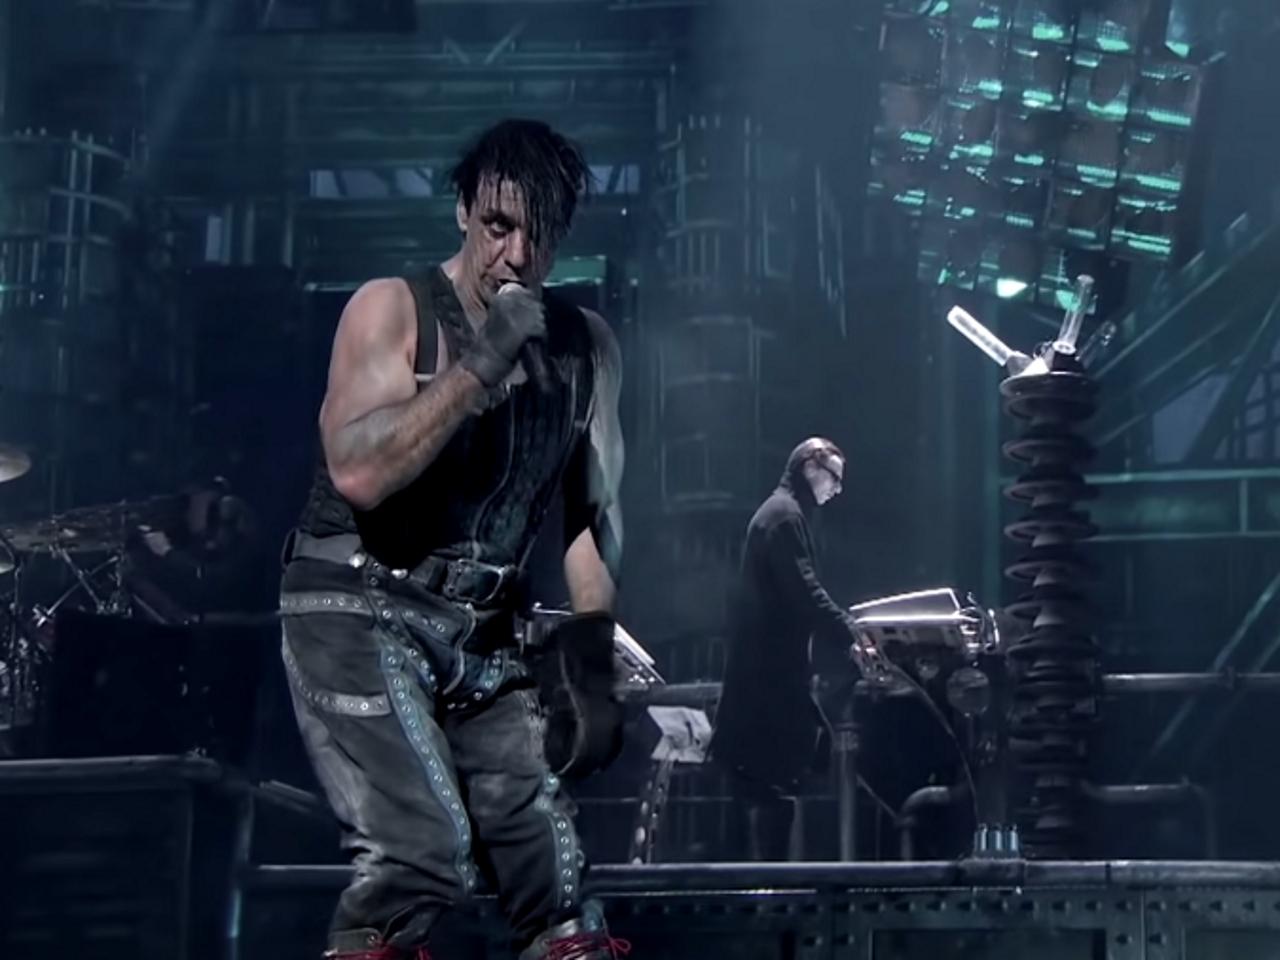 Les concerts de Rammstein reportés à juillet 2021 au Groupama Stadium